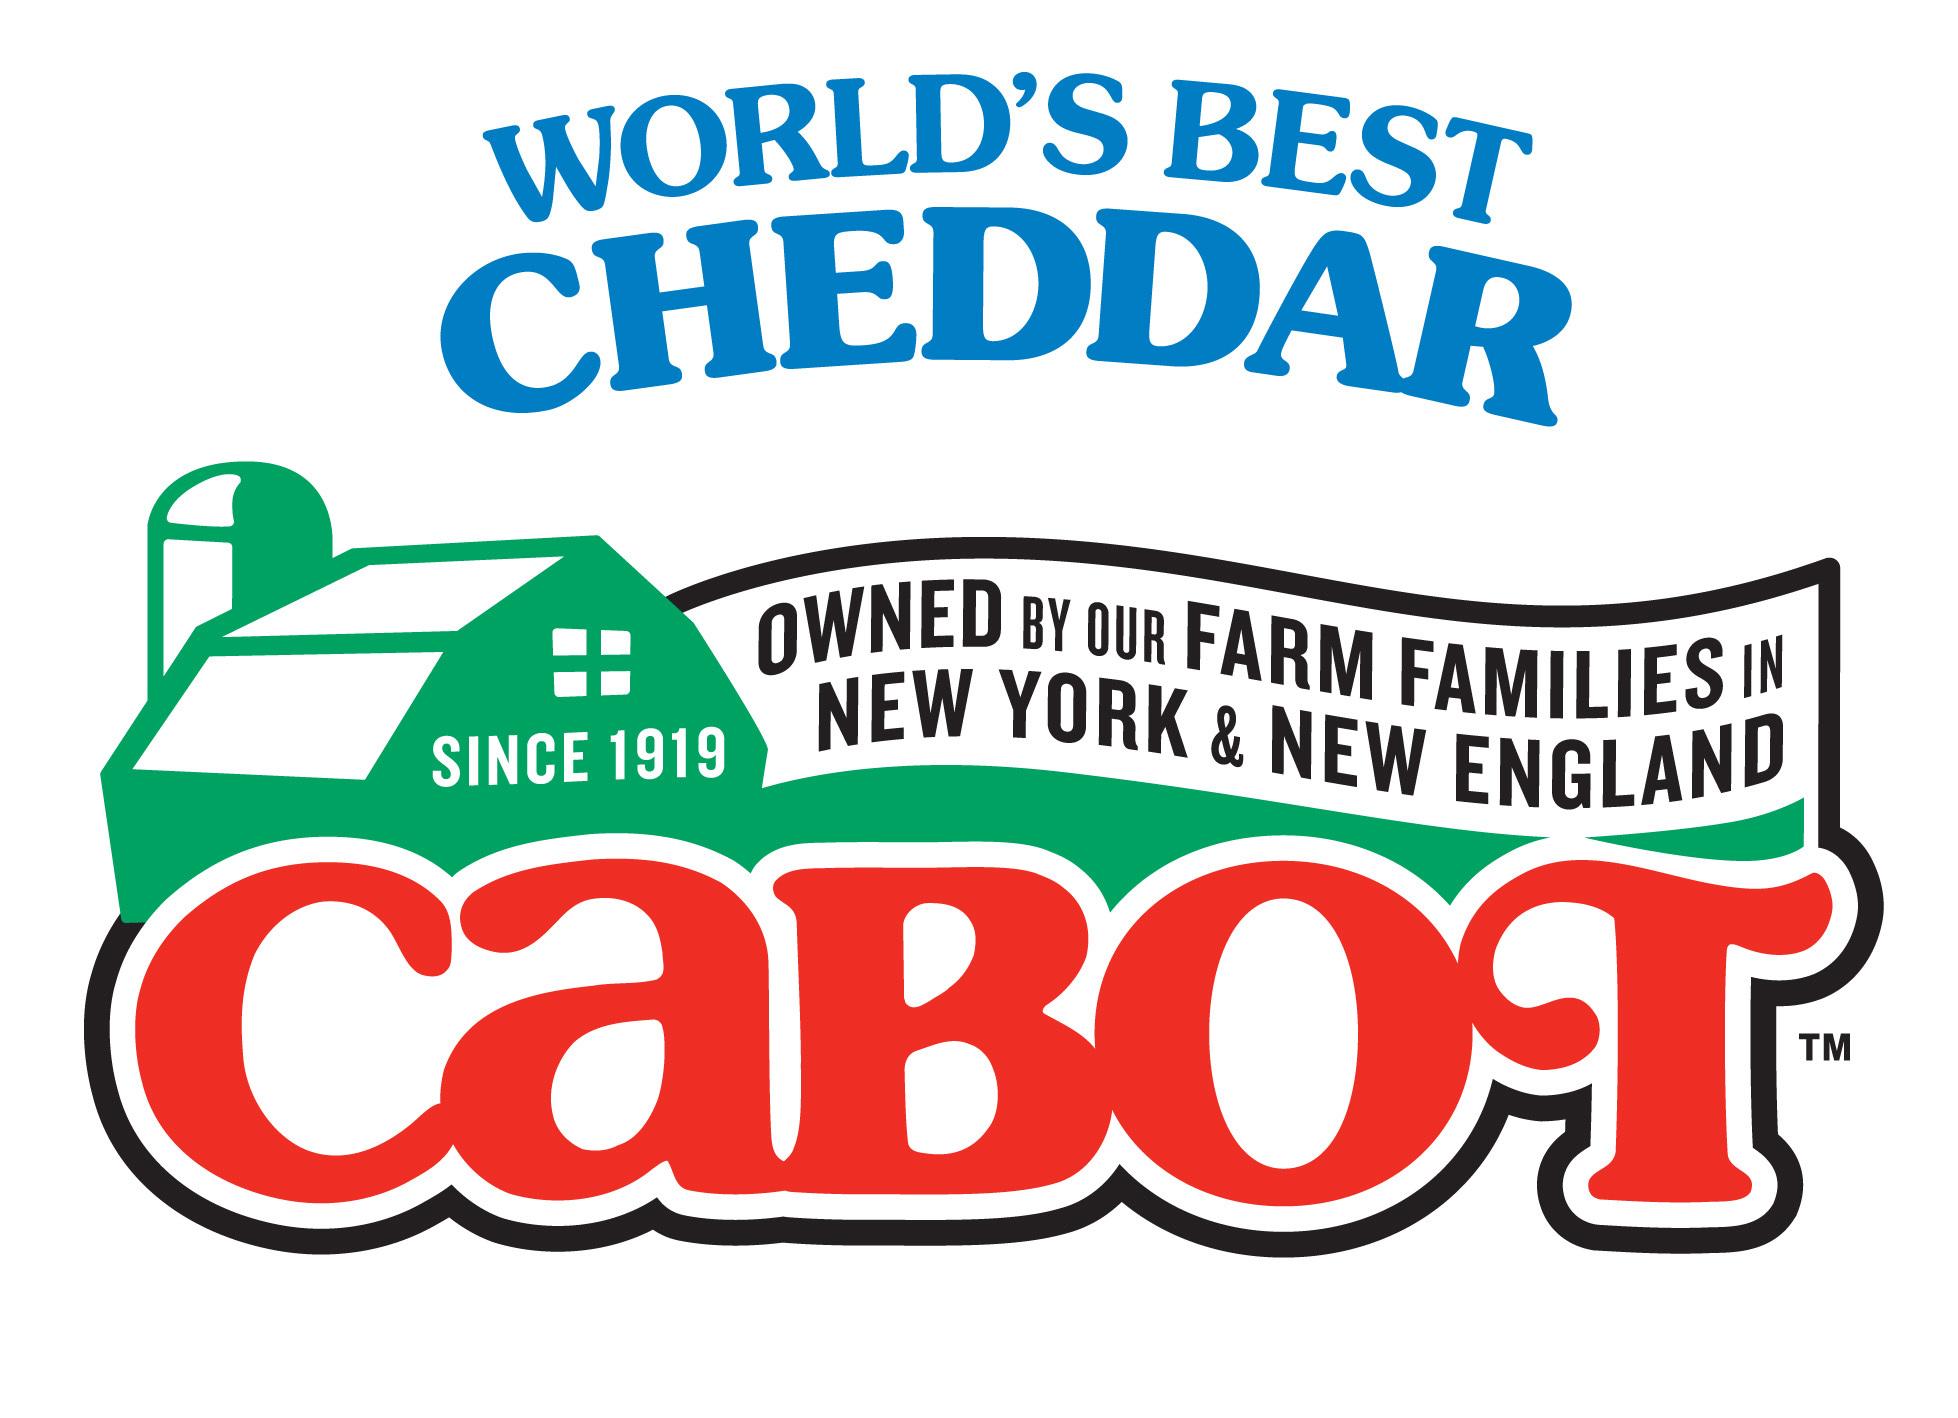 Cabot_Worlds_Best_Logo_4cps_1958x1418_300_RGB.jpg